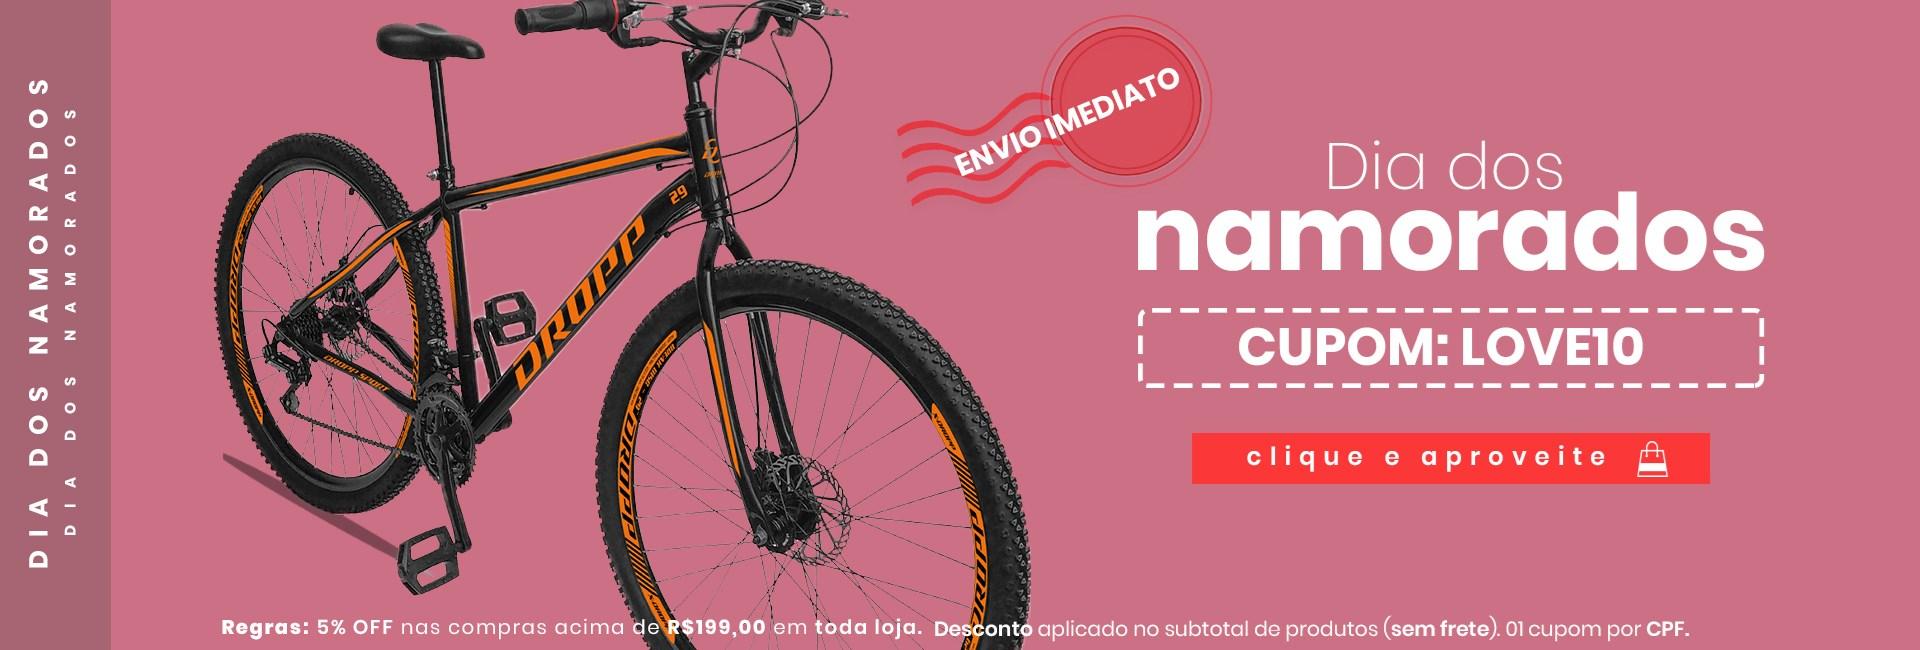 Super desconto Dia dos Namorados Bike | Mpozenato